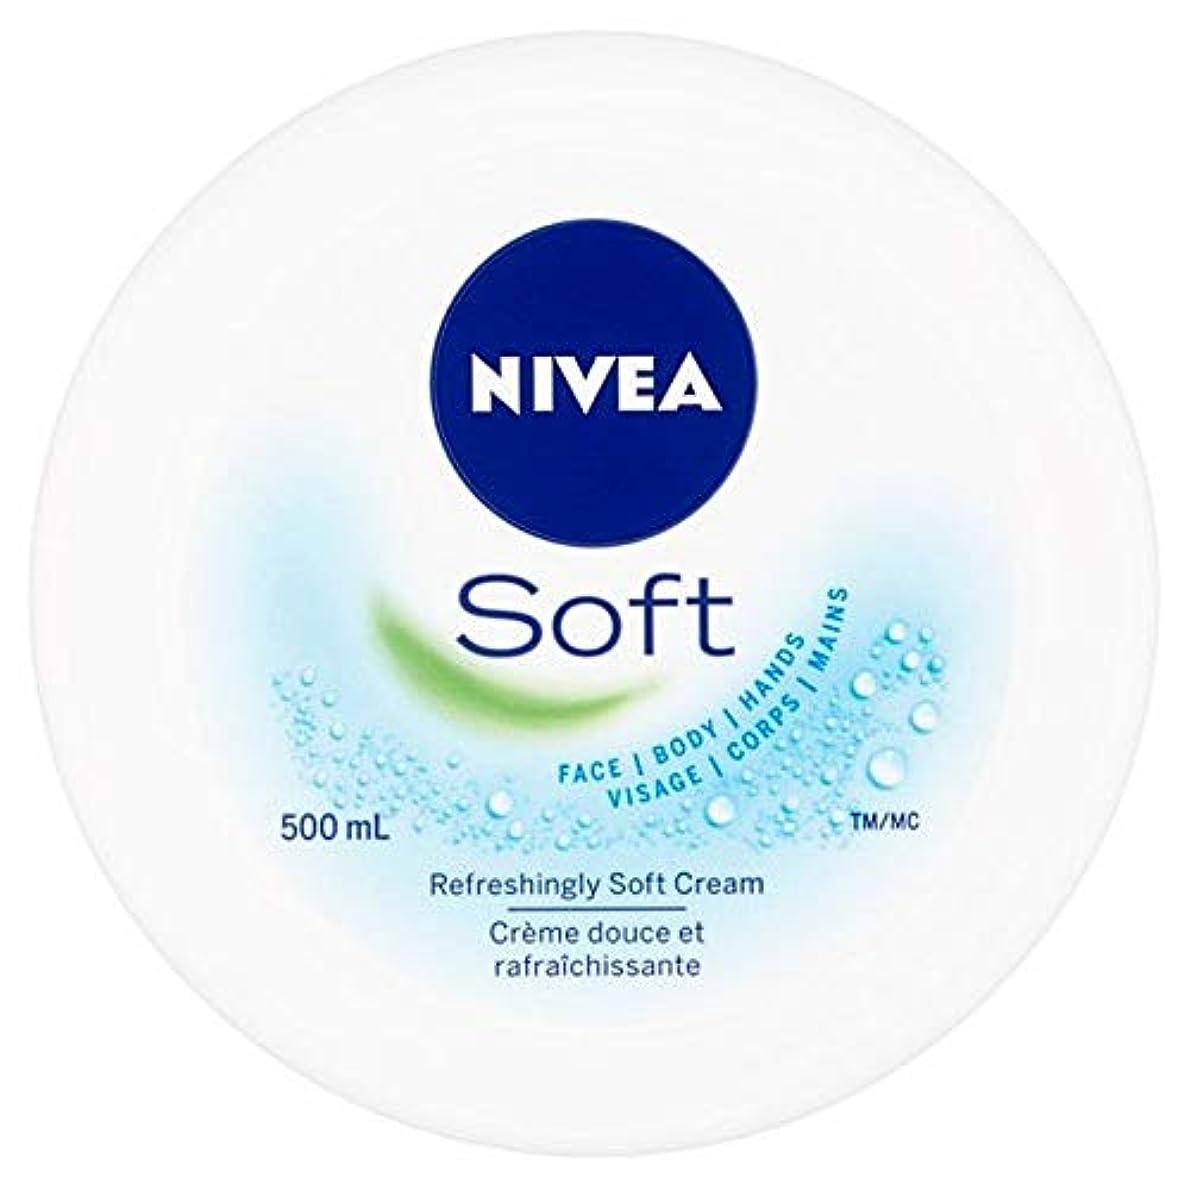 報告書薄いブロック[Nivea] ニベアソフト爽やかなクリーム500ミリリットル - Nivea Soft Refreshing Cream 500Ml [並行輸入品]